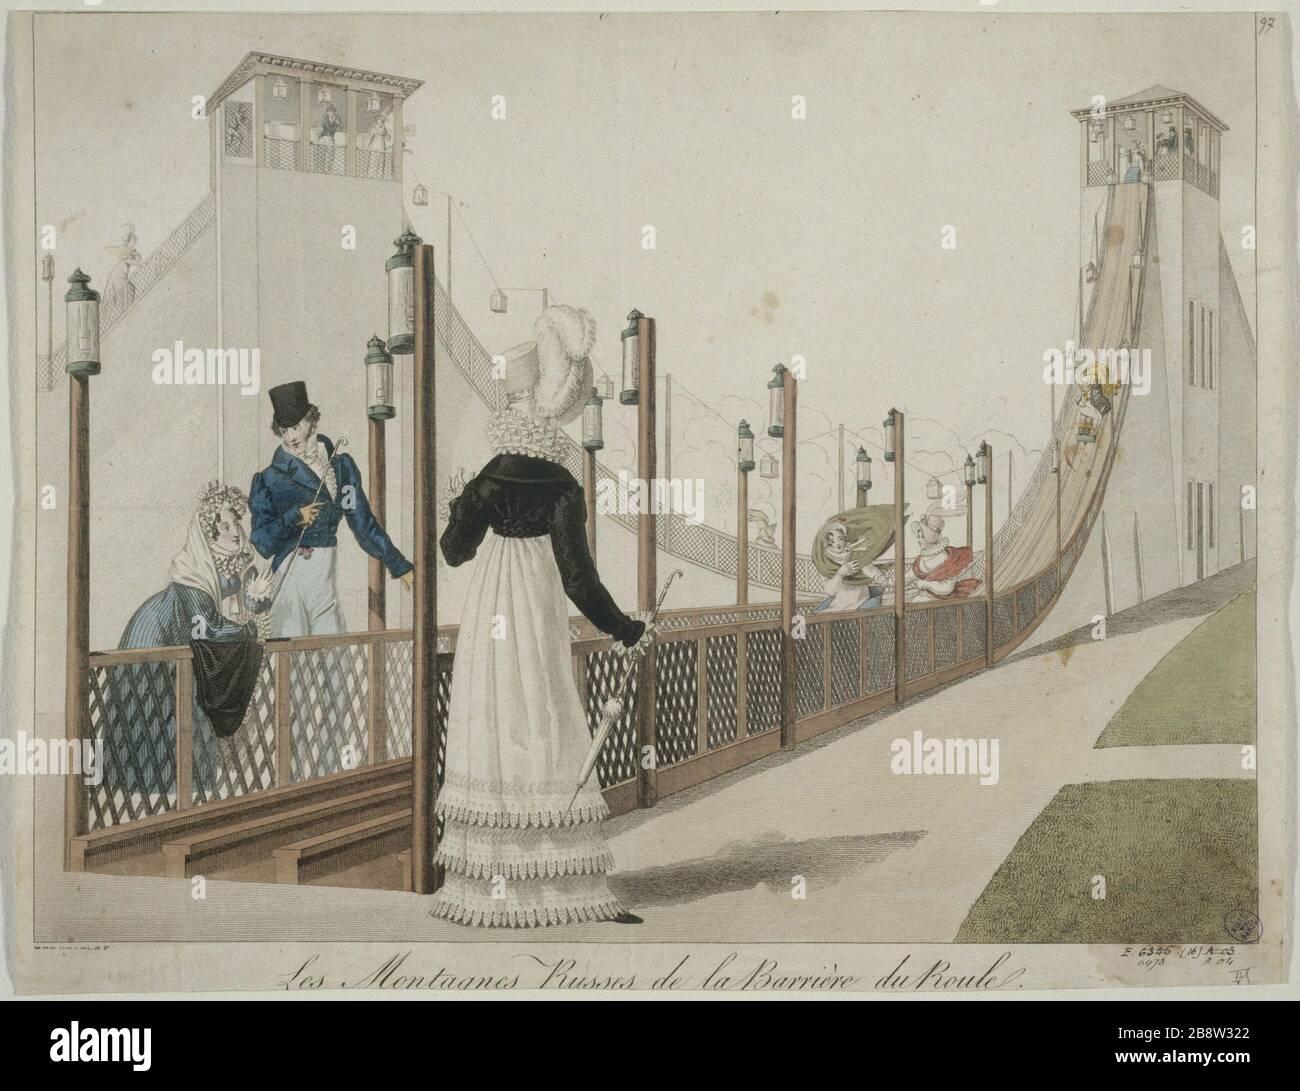 Paris - The Roller Coaster of the Barriere du Roule, current Place des Ternes Les Montagnes Russes de la barrière du Roule, actuelle place des Ternes, Paris (VIIIème arr.). Paris, musée Carnavalet. Stock Photo